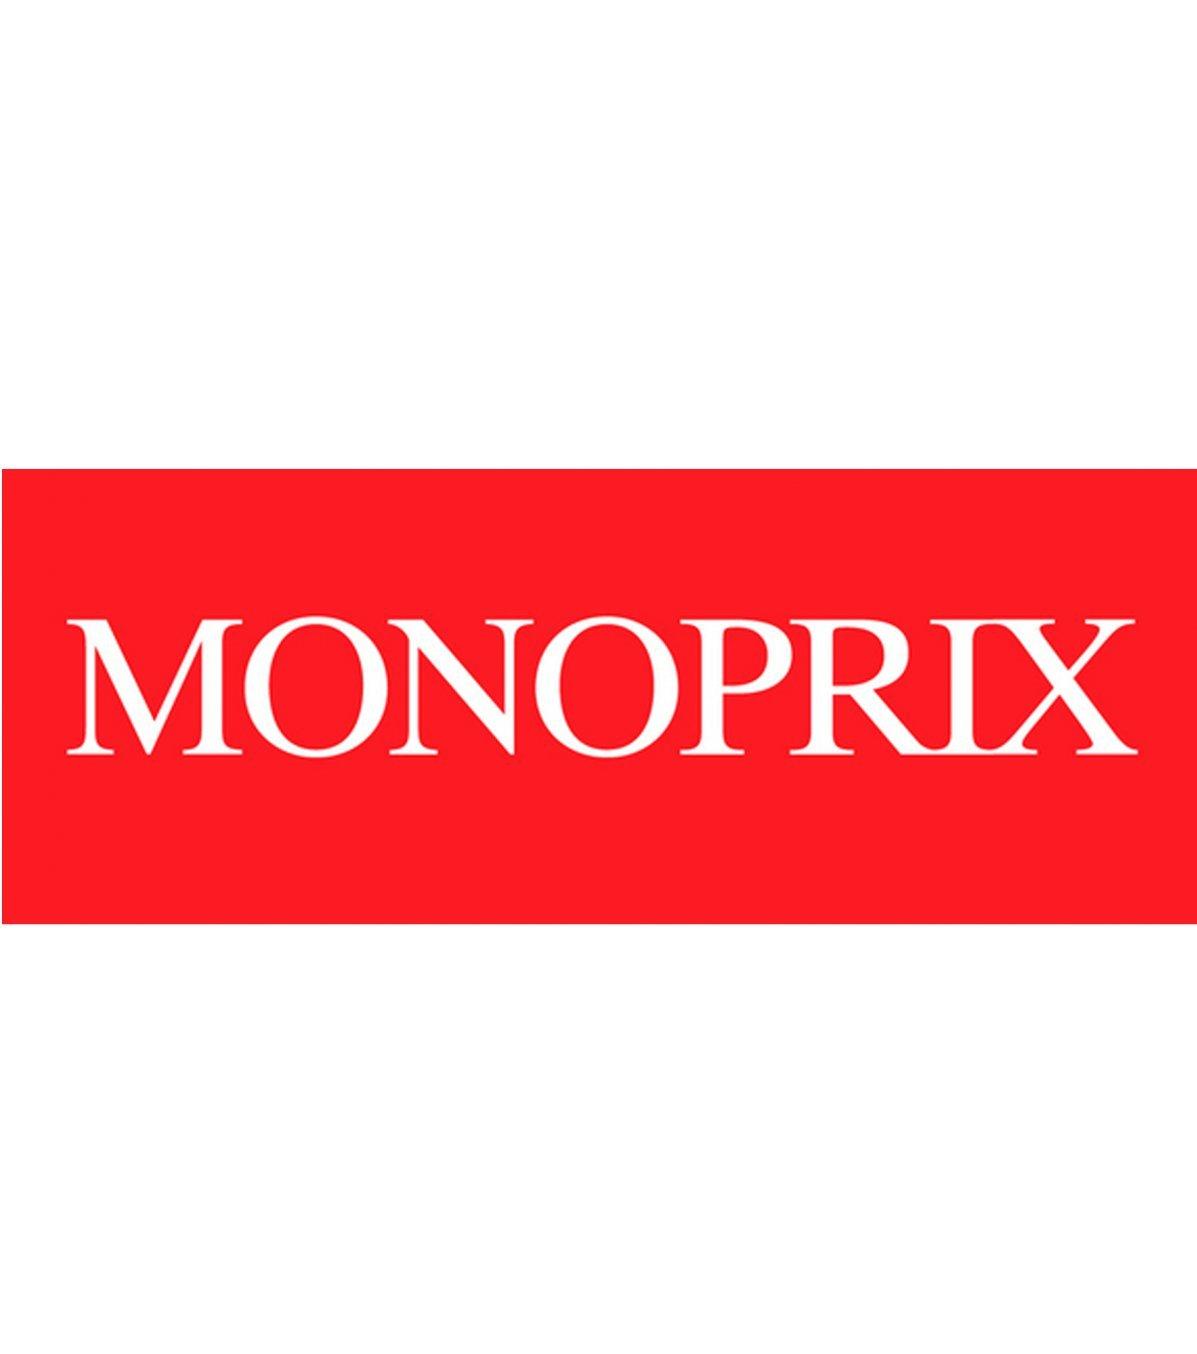 Monoprix Logo Wallpaper